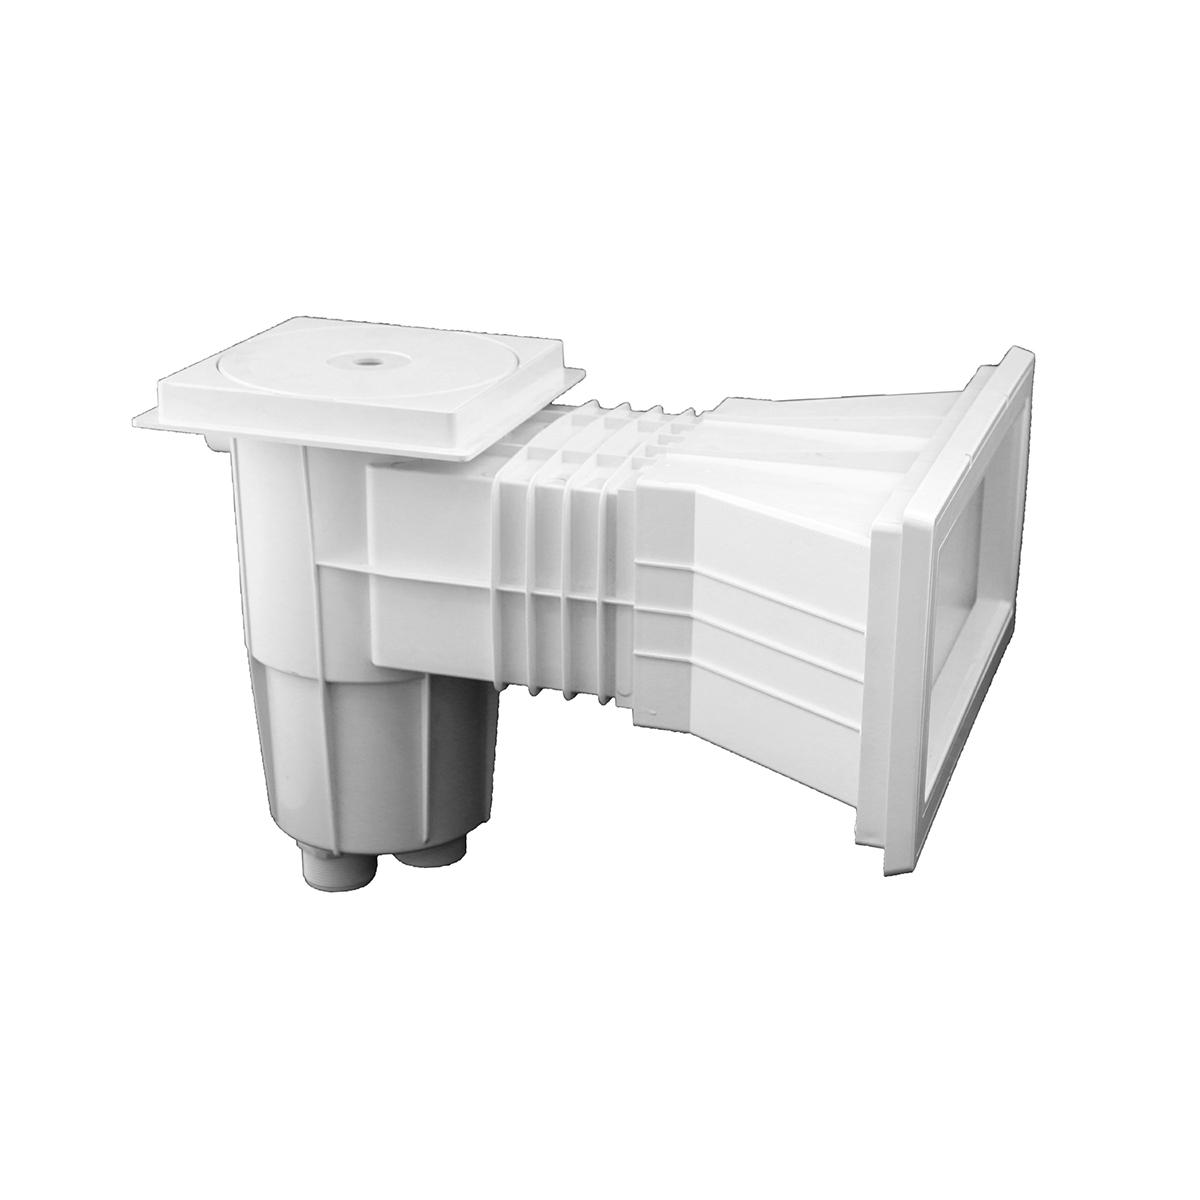 Smart Breitmaulskimmer für Polyester- und Folienpools ABS, weiß Smart Breitmaulskimmer für Polyester- und Folienpools ABS, weiß